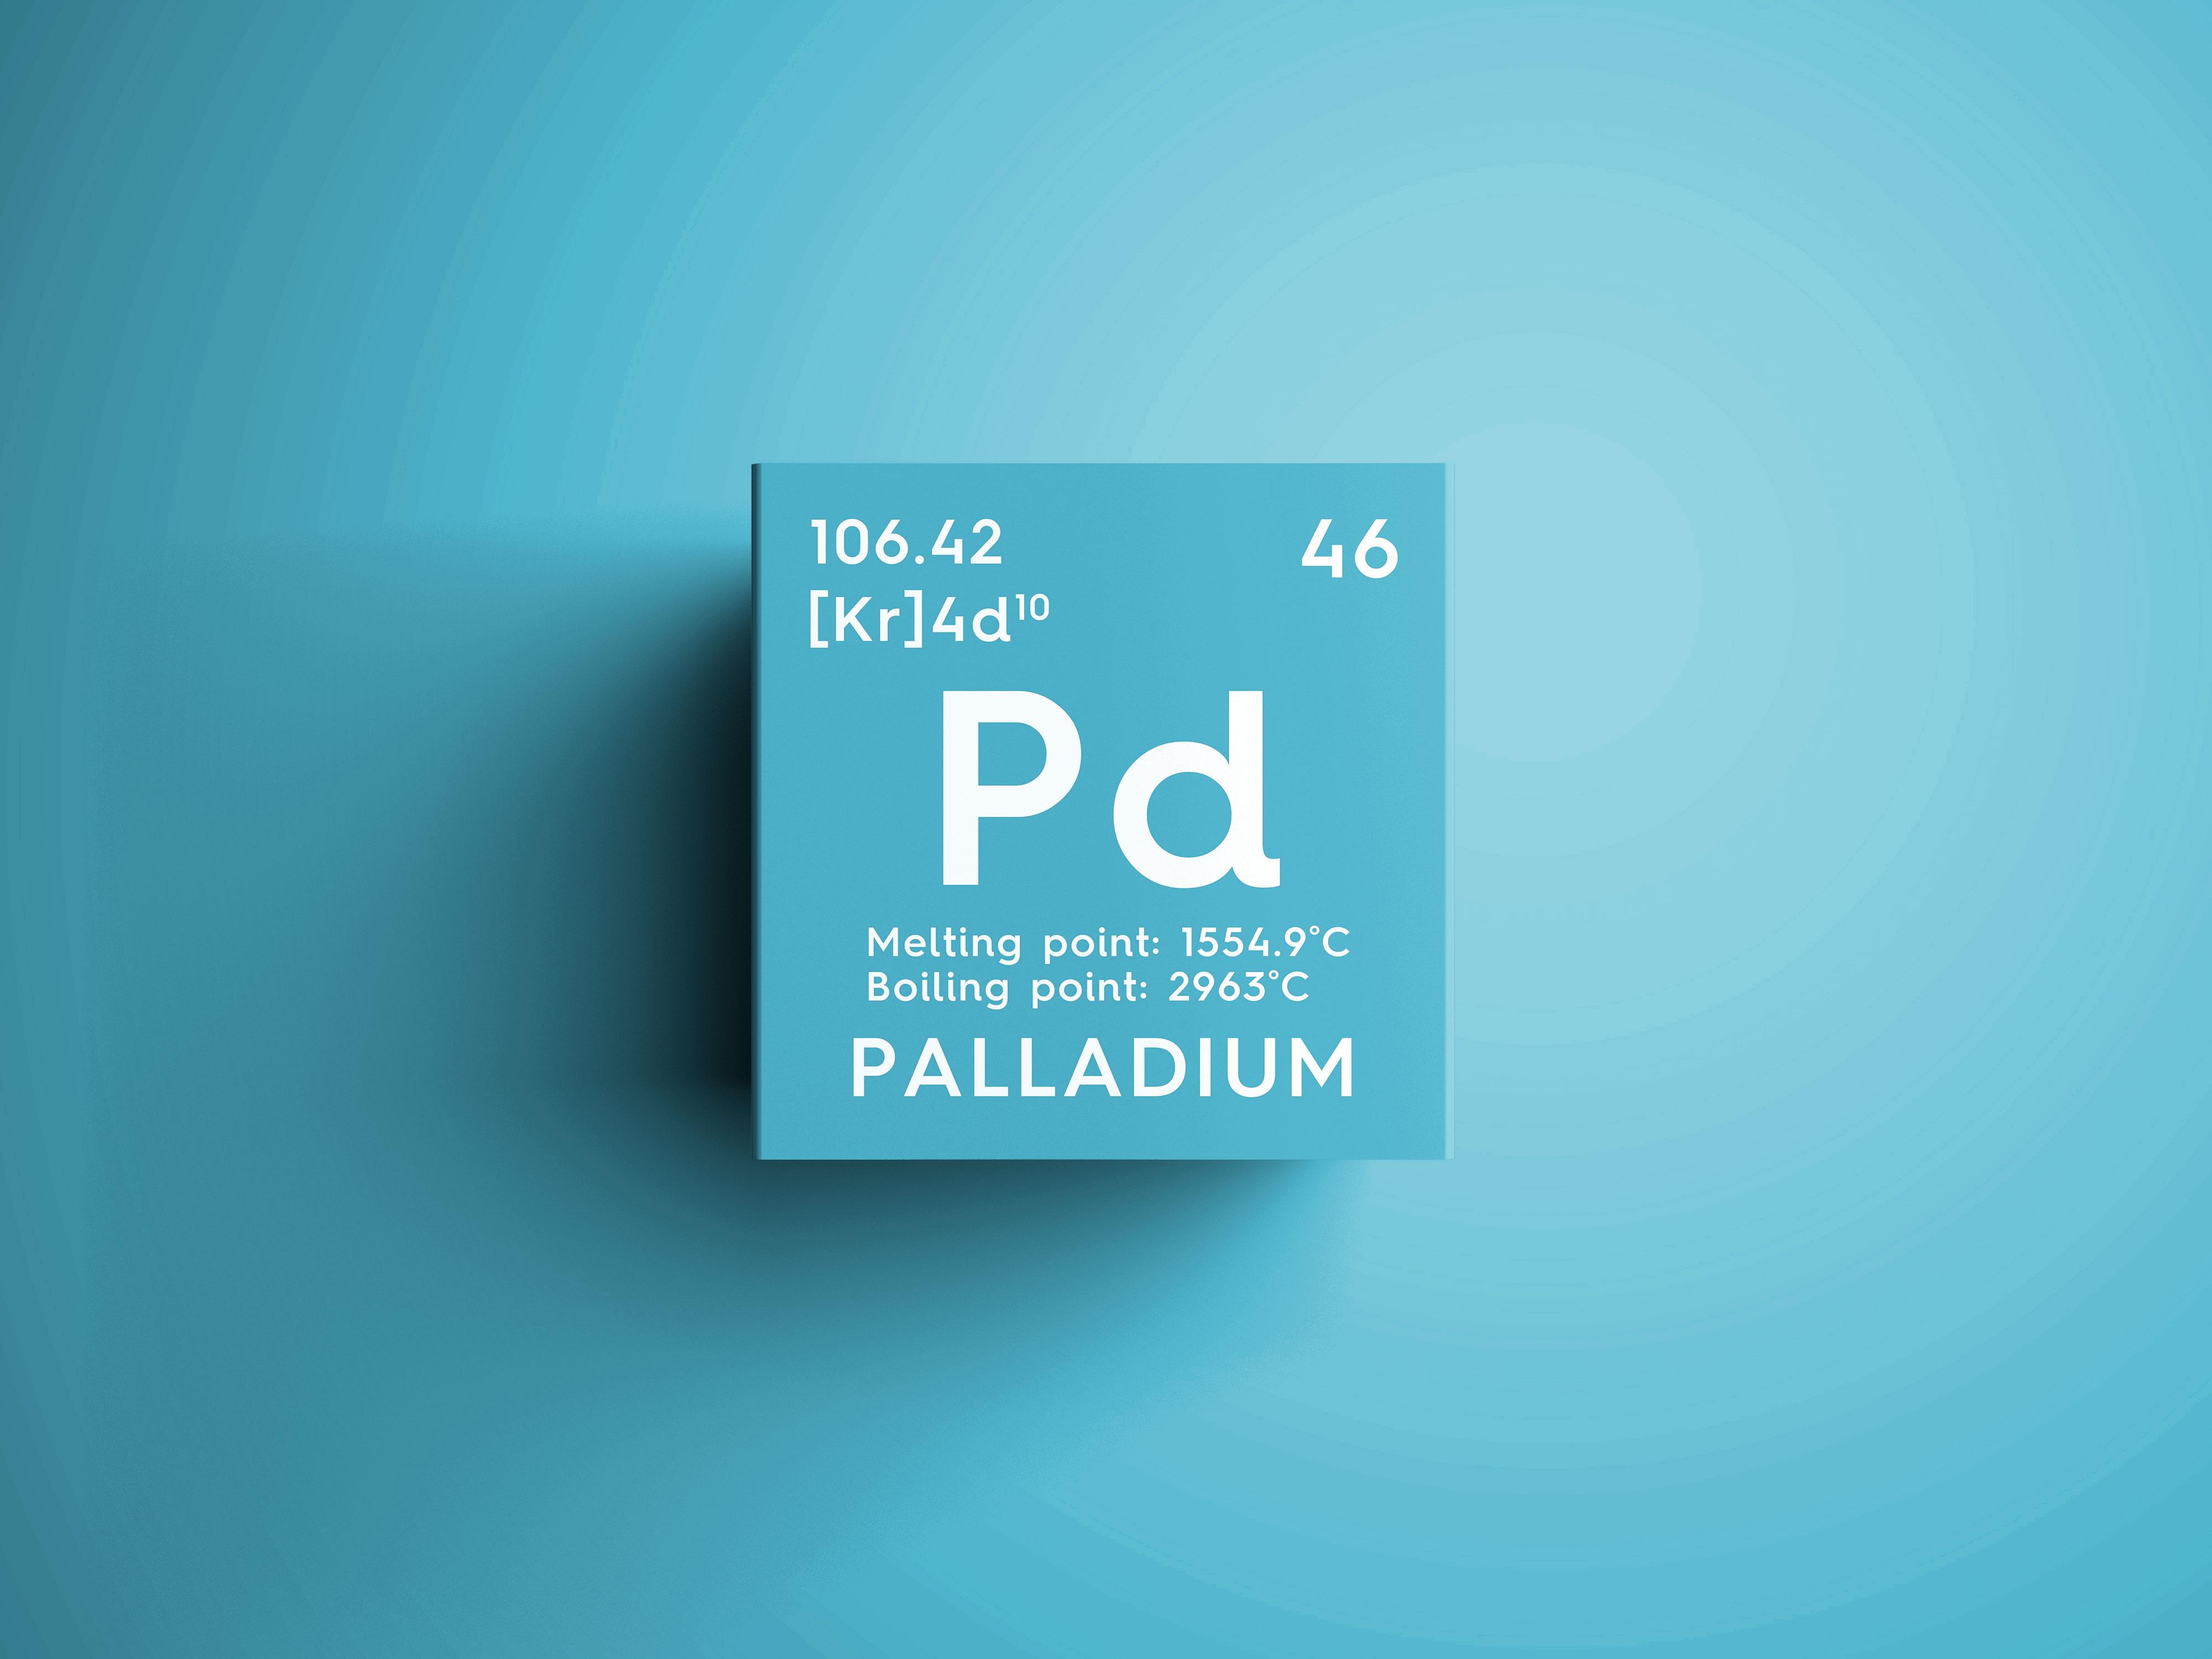 Palladium: An introduction for Platinum and Palladium Investors